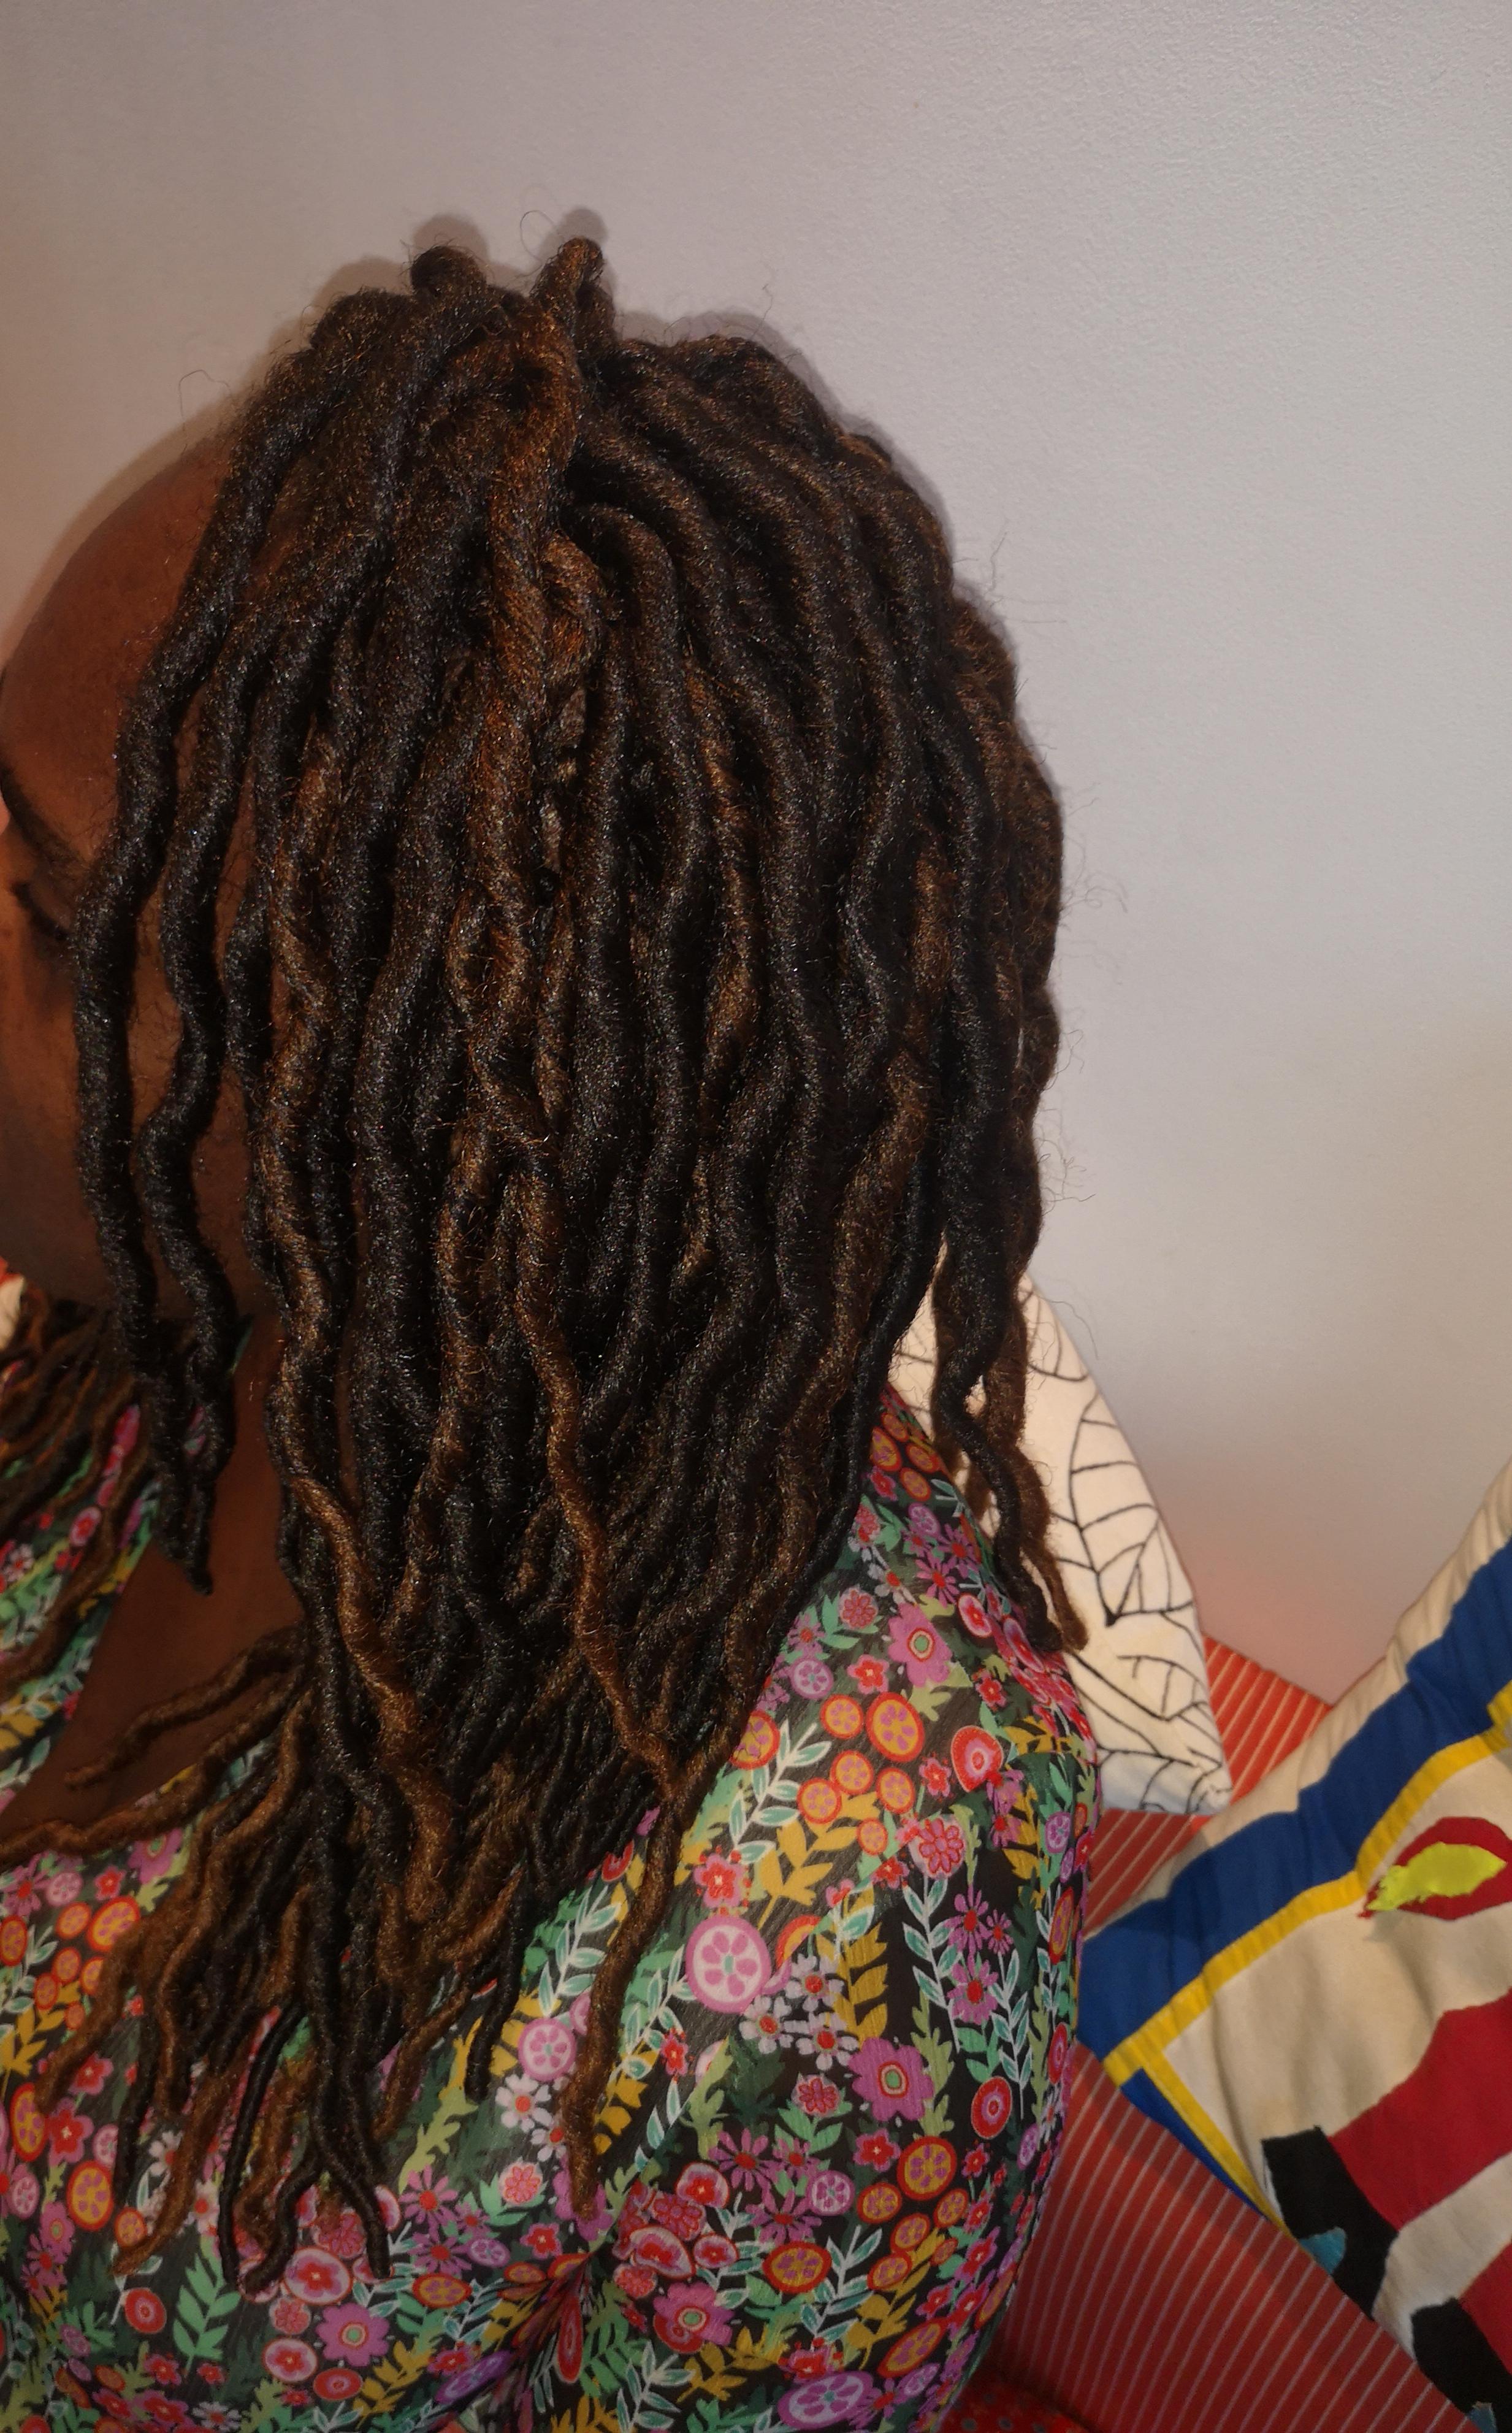 salon de coiffure afro tresse tresses box braids crochet braids vanilles tissages paris 75 77 78 91 92 93 94 95 DDWYWMQQ